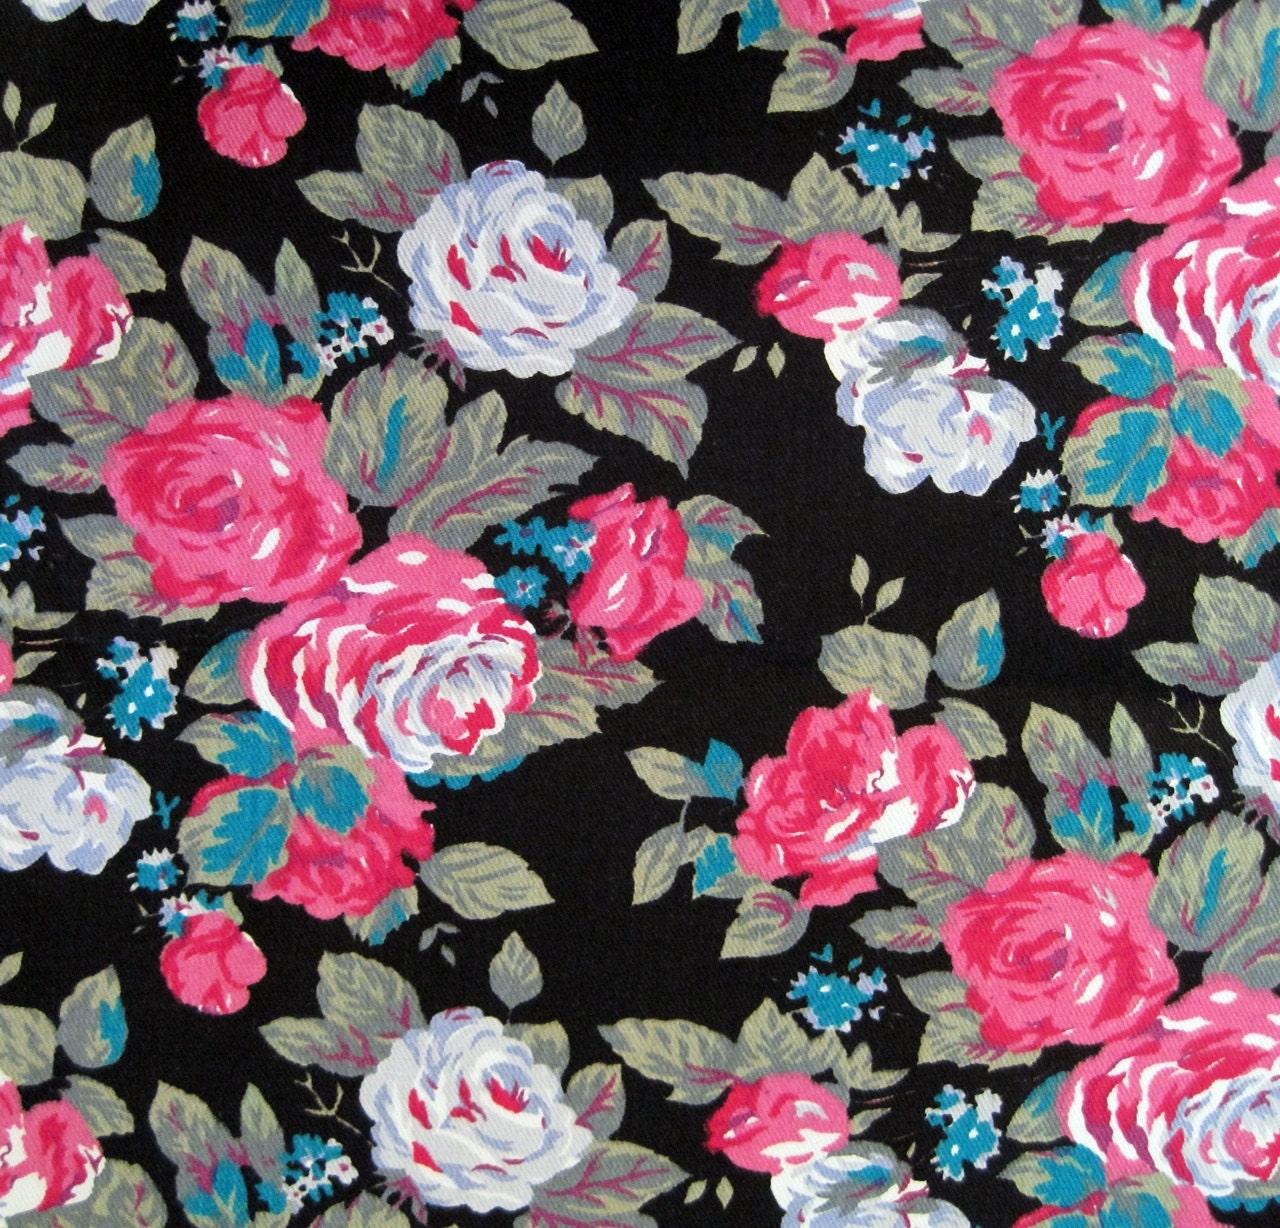 Black Flower 21st Century Op Art Set: 80s Fabric Vintage Floral Denim Fabric Cotton By Voguevintage